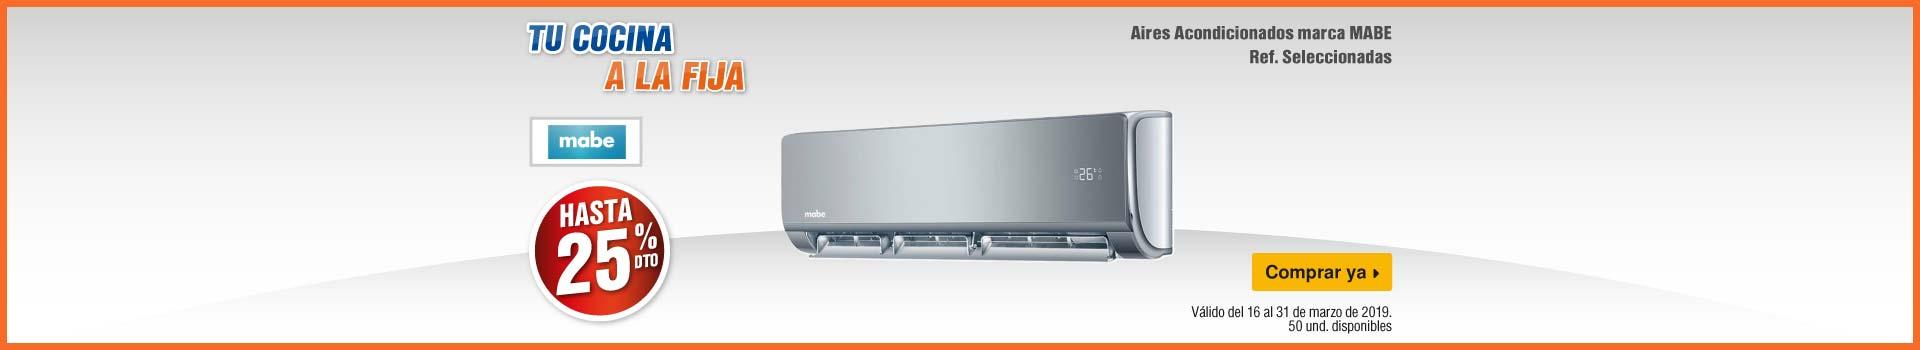 AK-KT-mayores-3-ELECT-BCAT-climatizacion-mabe-160319